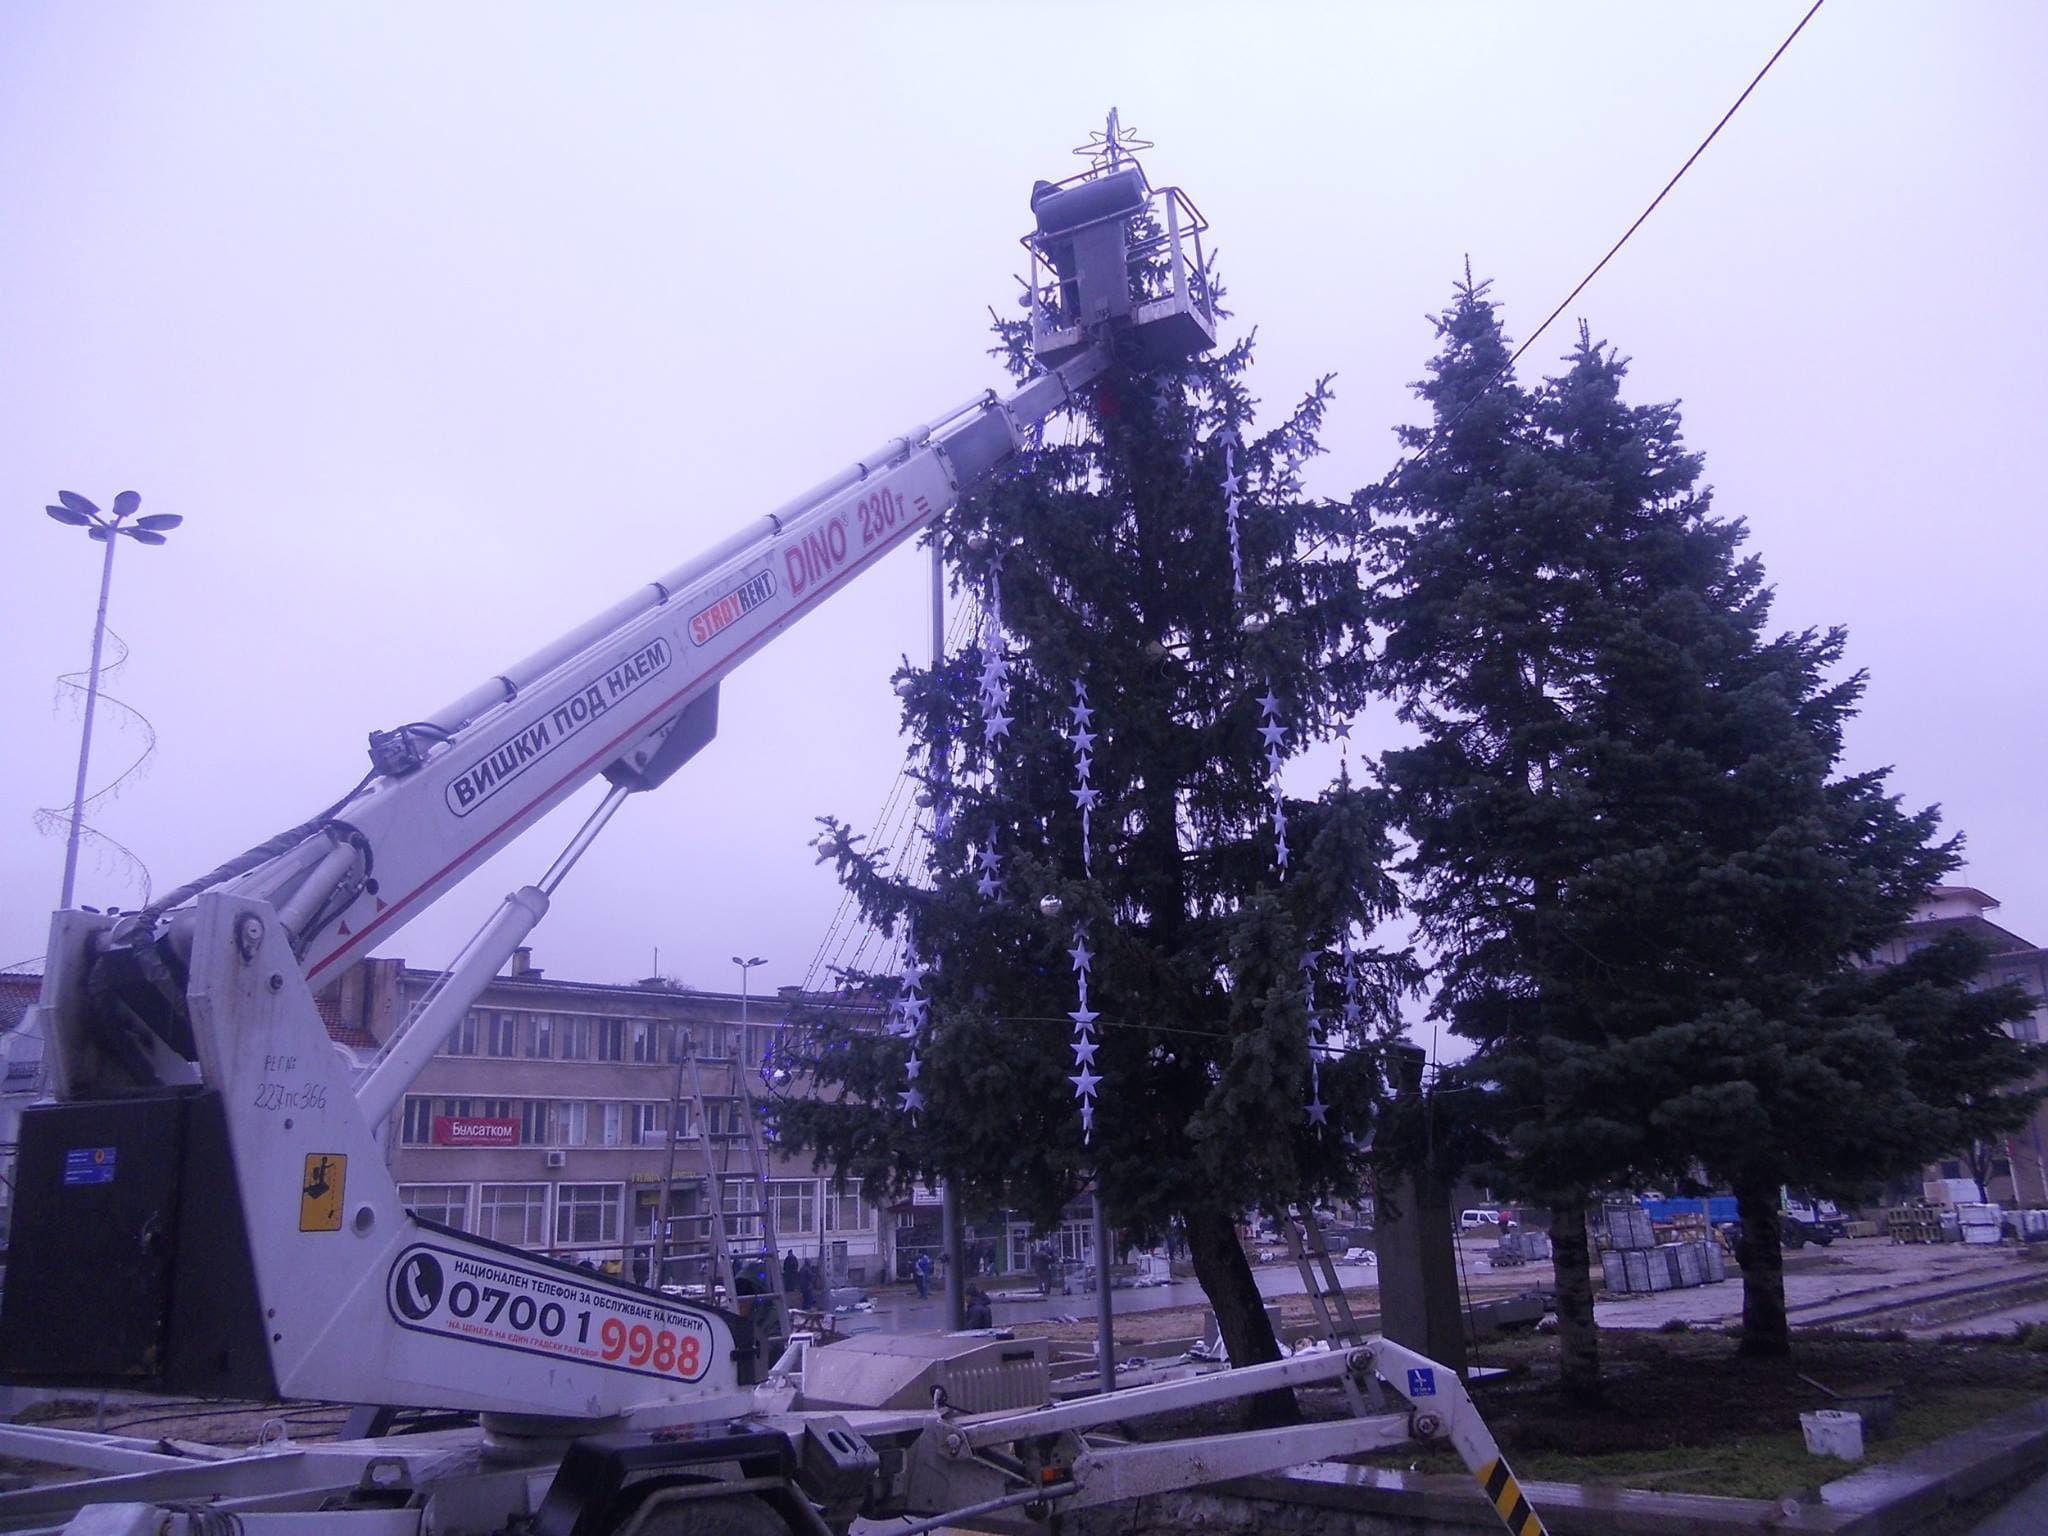 ukrasa5